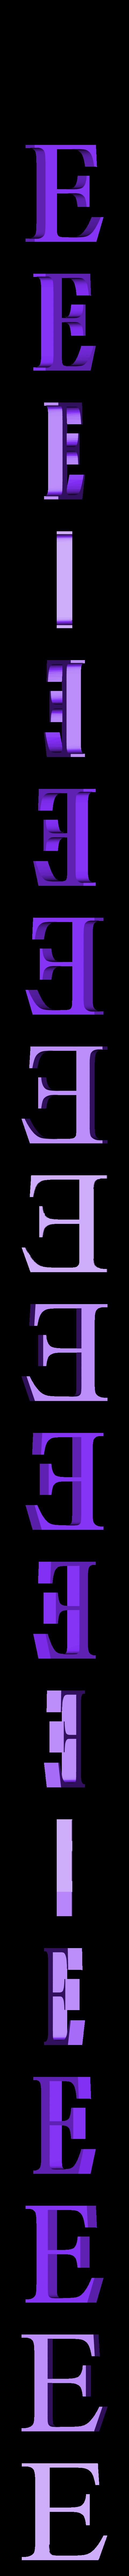 E.STL Télécharger fichier STL gratuit alphabet • Modèle pour imprimante 3D, Cerega